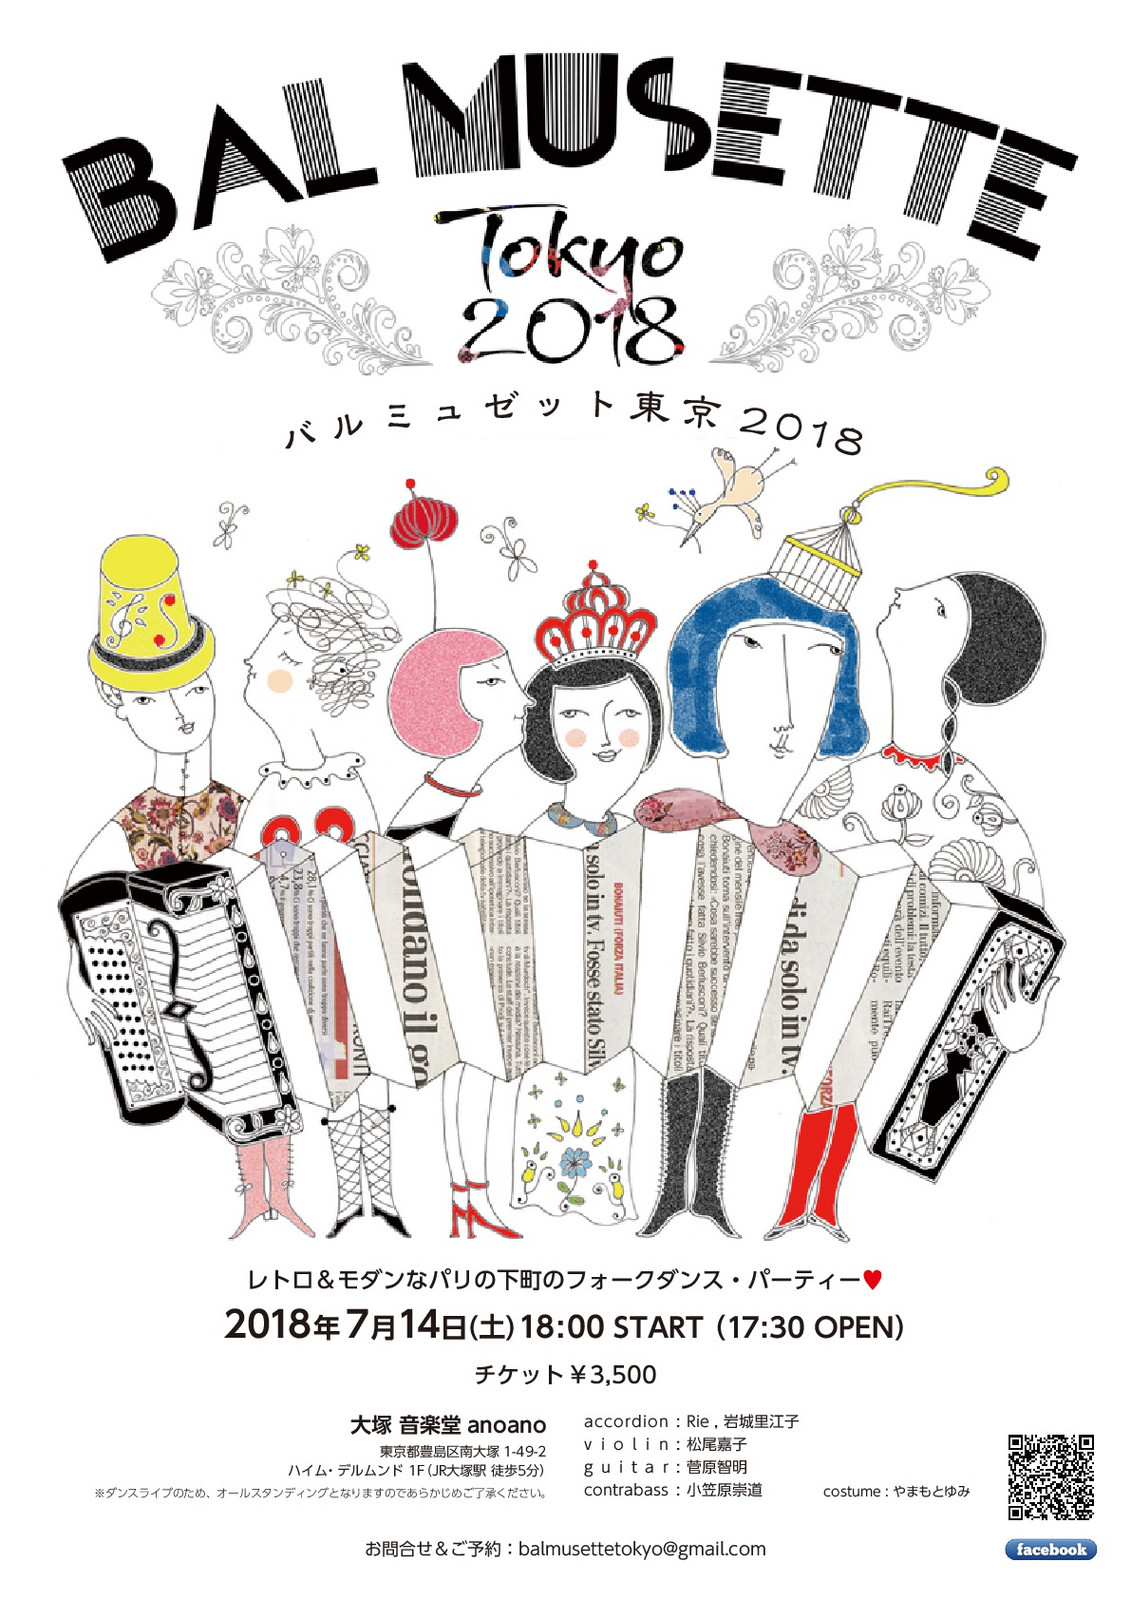 Bal_musette_tokyo_2018_jpg